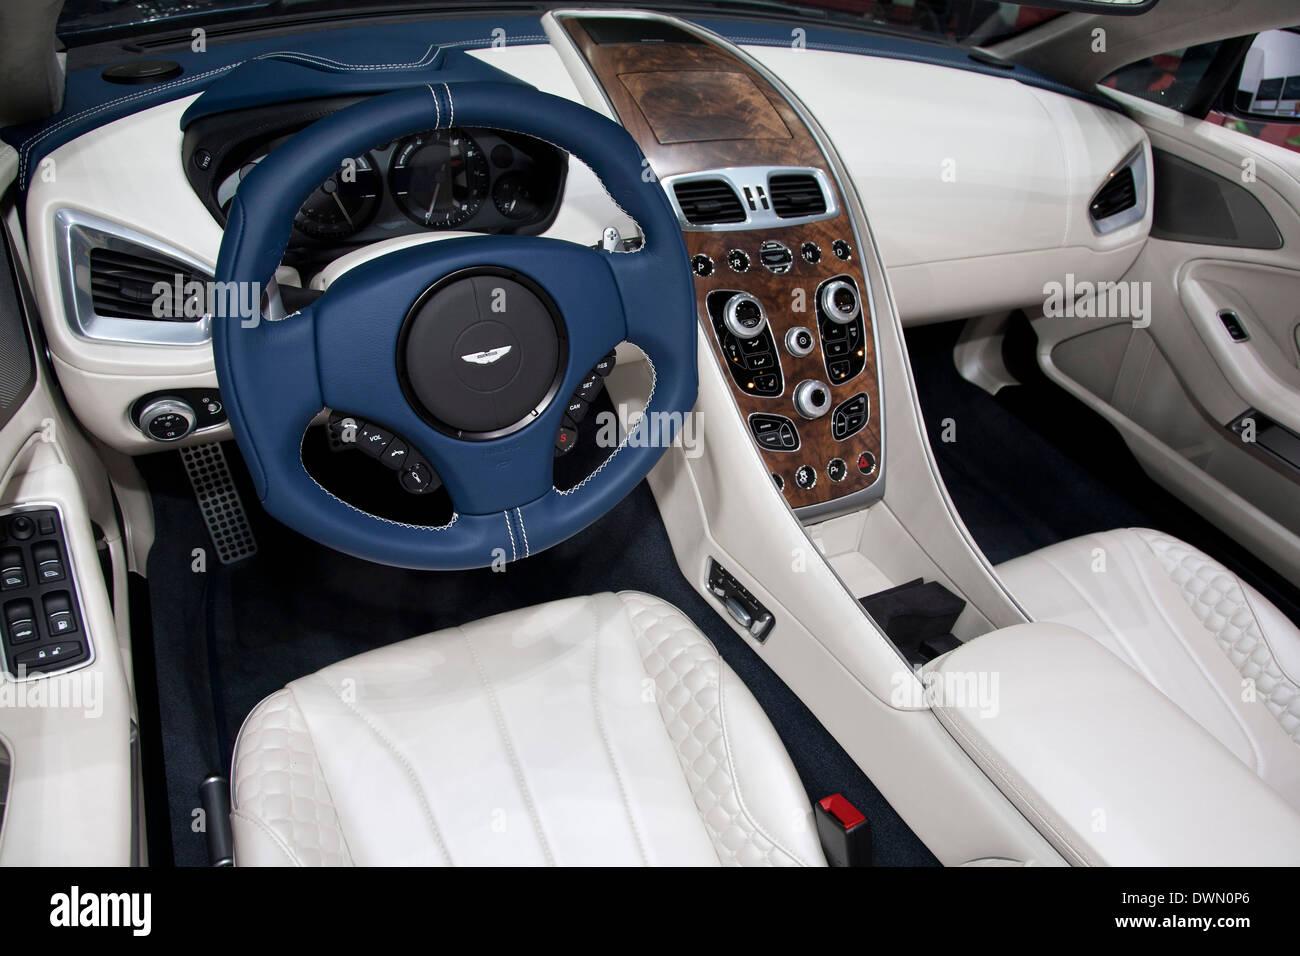 Aston Martin Interior Fotos E Imagenes De Stock Alamy